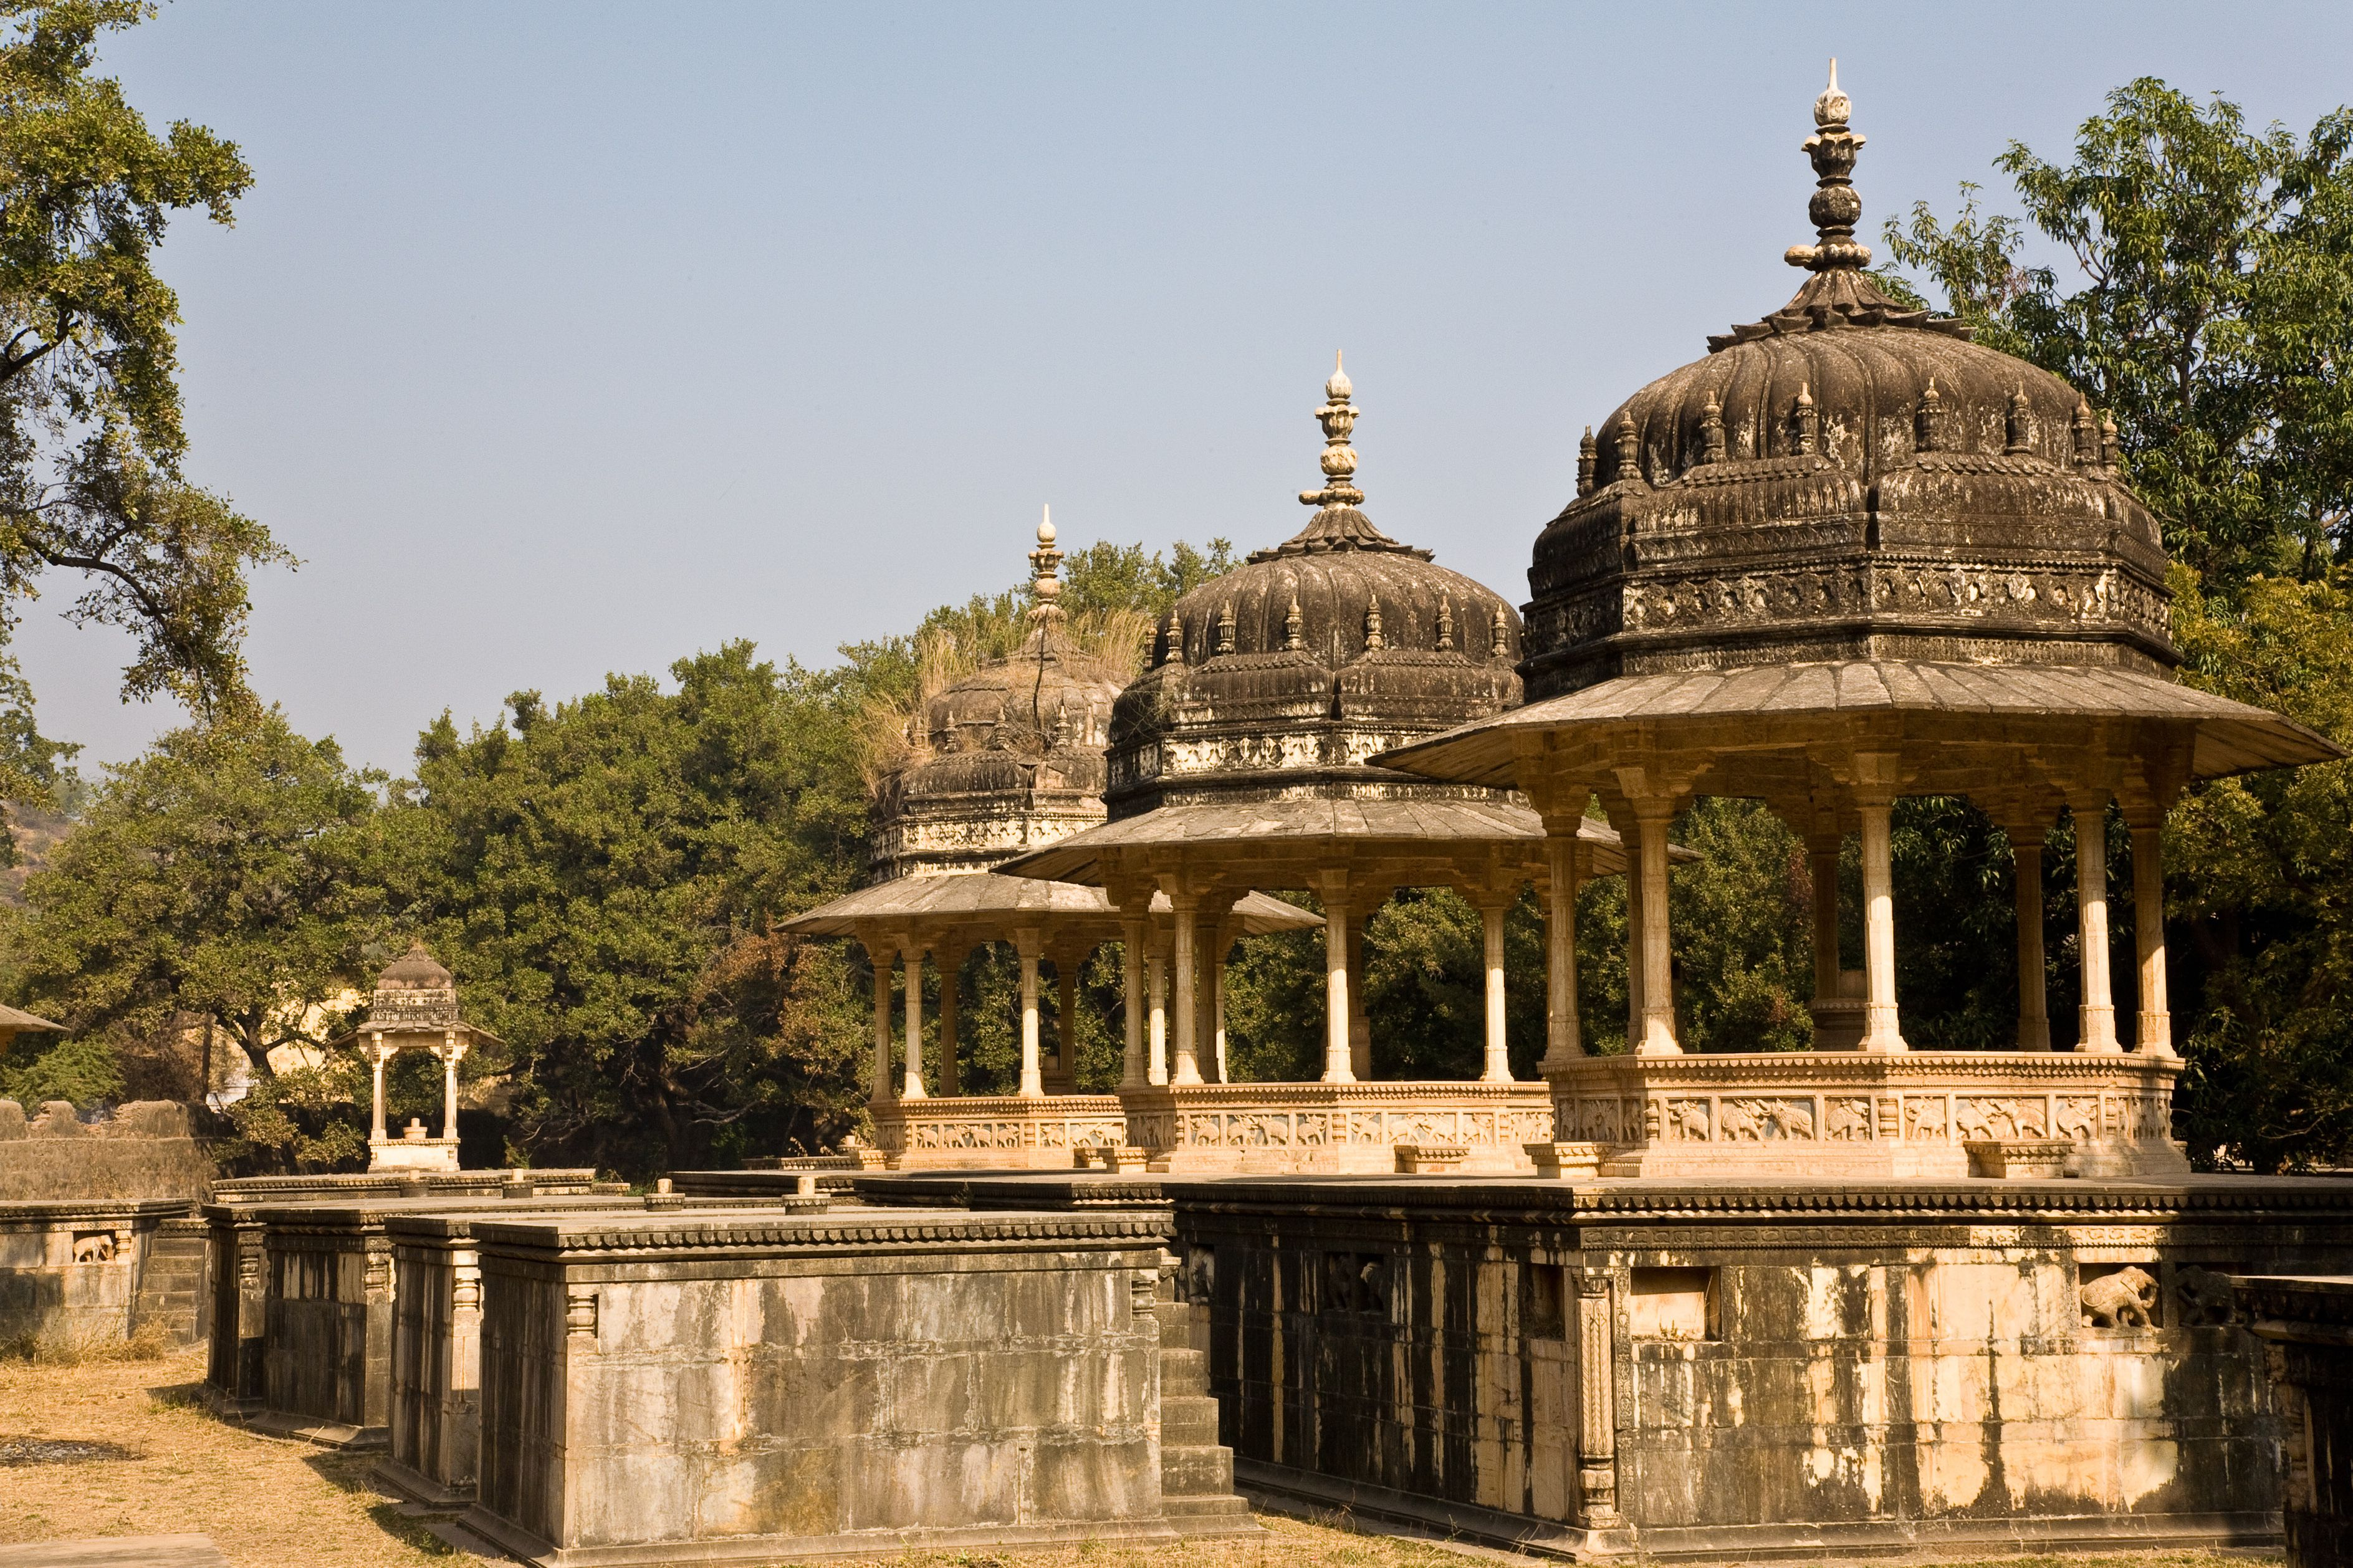 India, Rajasthan State, Bundi, cenotaphs